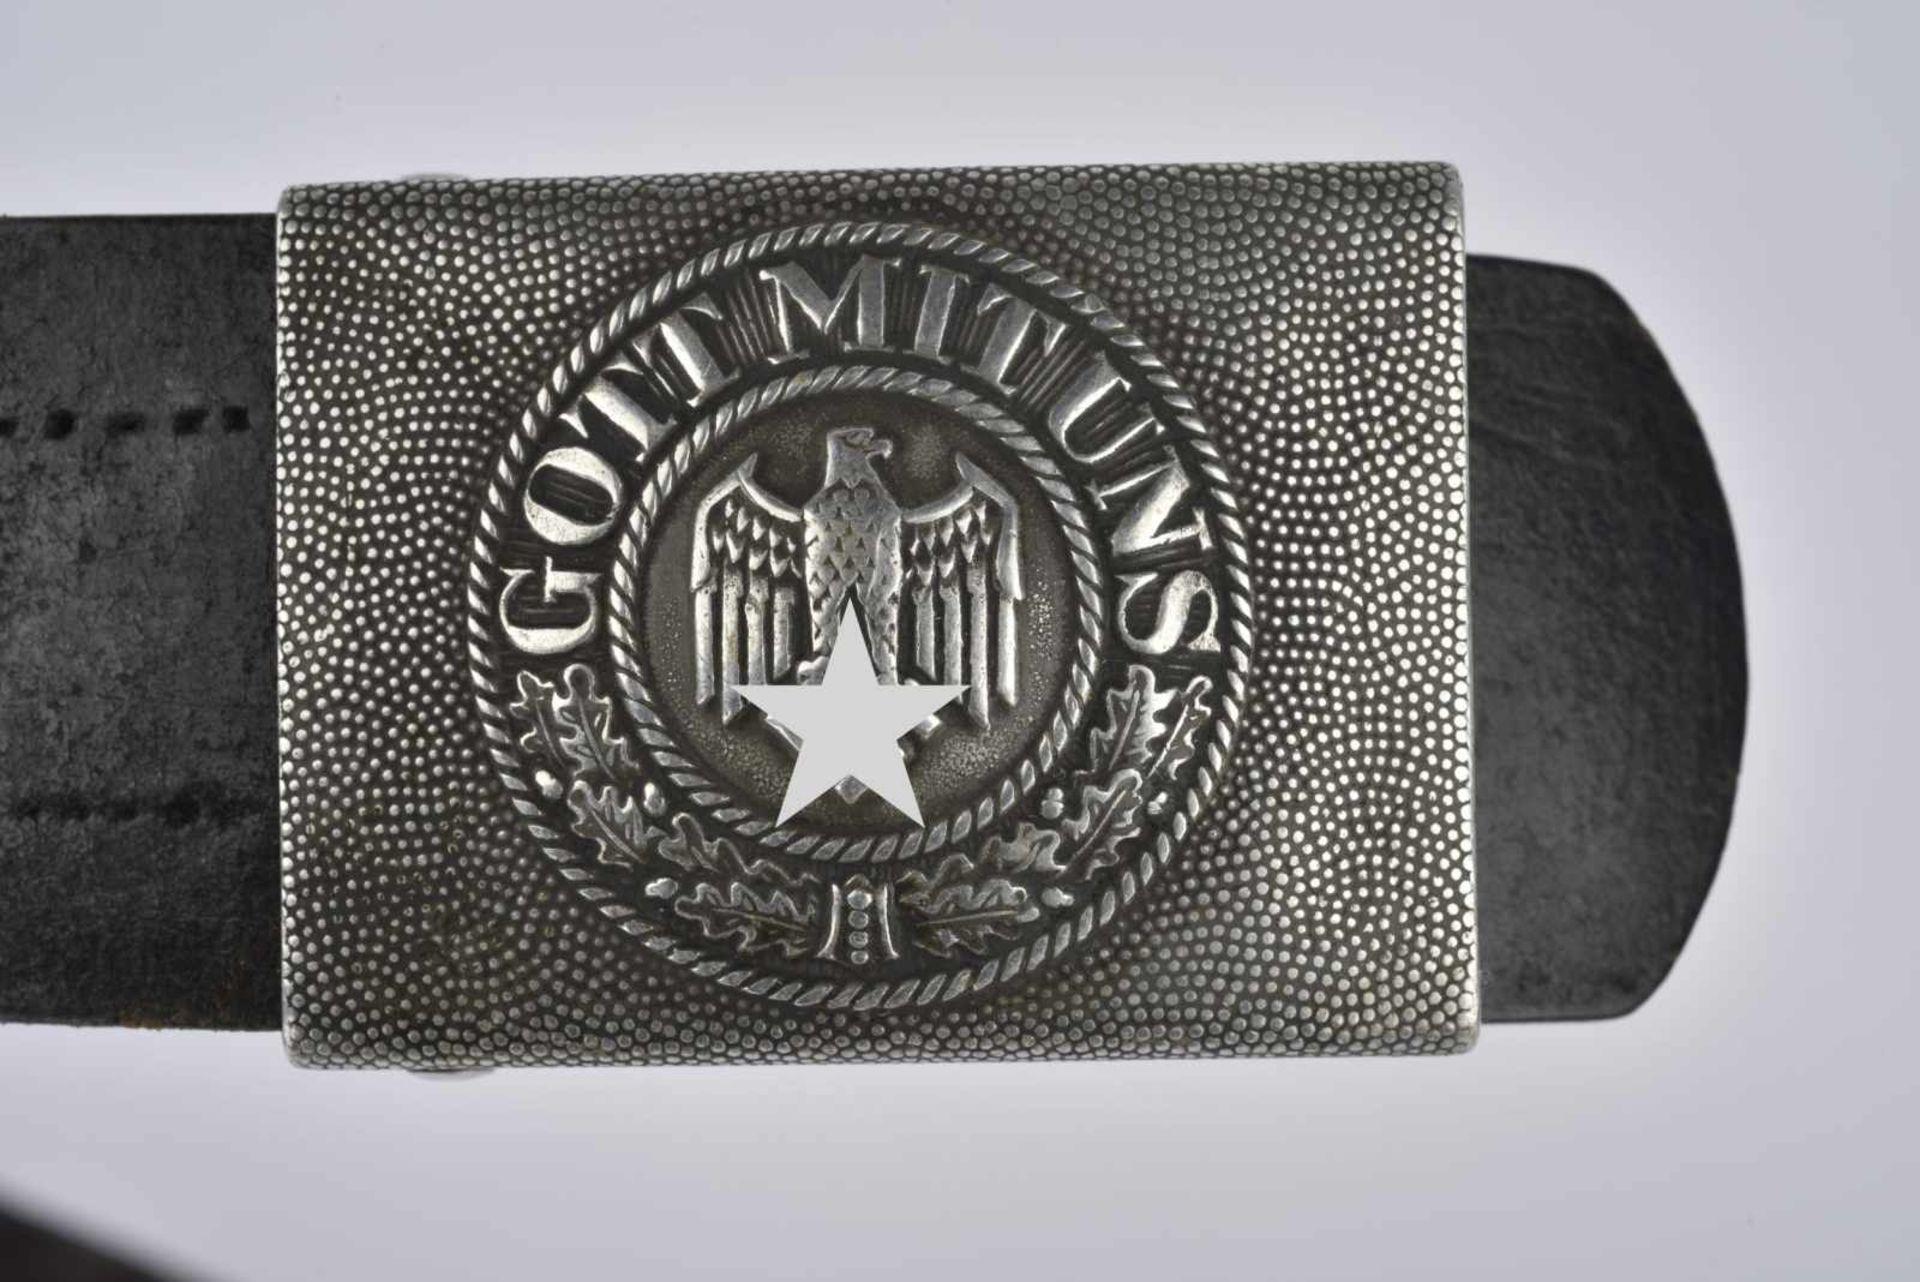 Ceinturon de la Heer en cuir noir, marqué et daté 1939. Boucle de ceinturon en métal grenelé, - Bild 3 aus 3